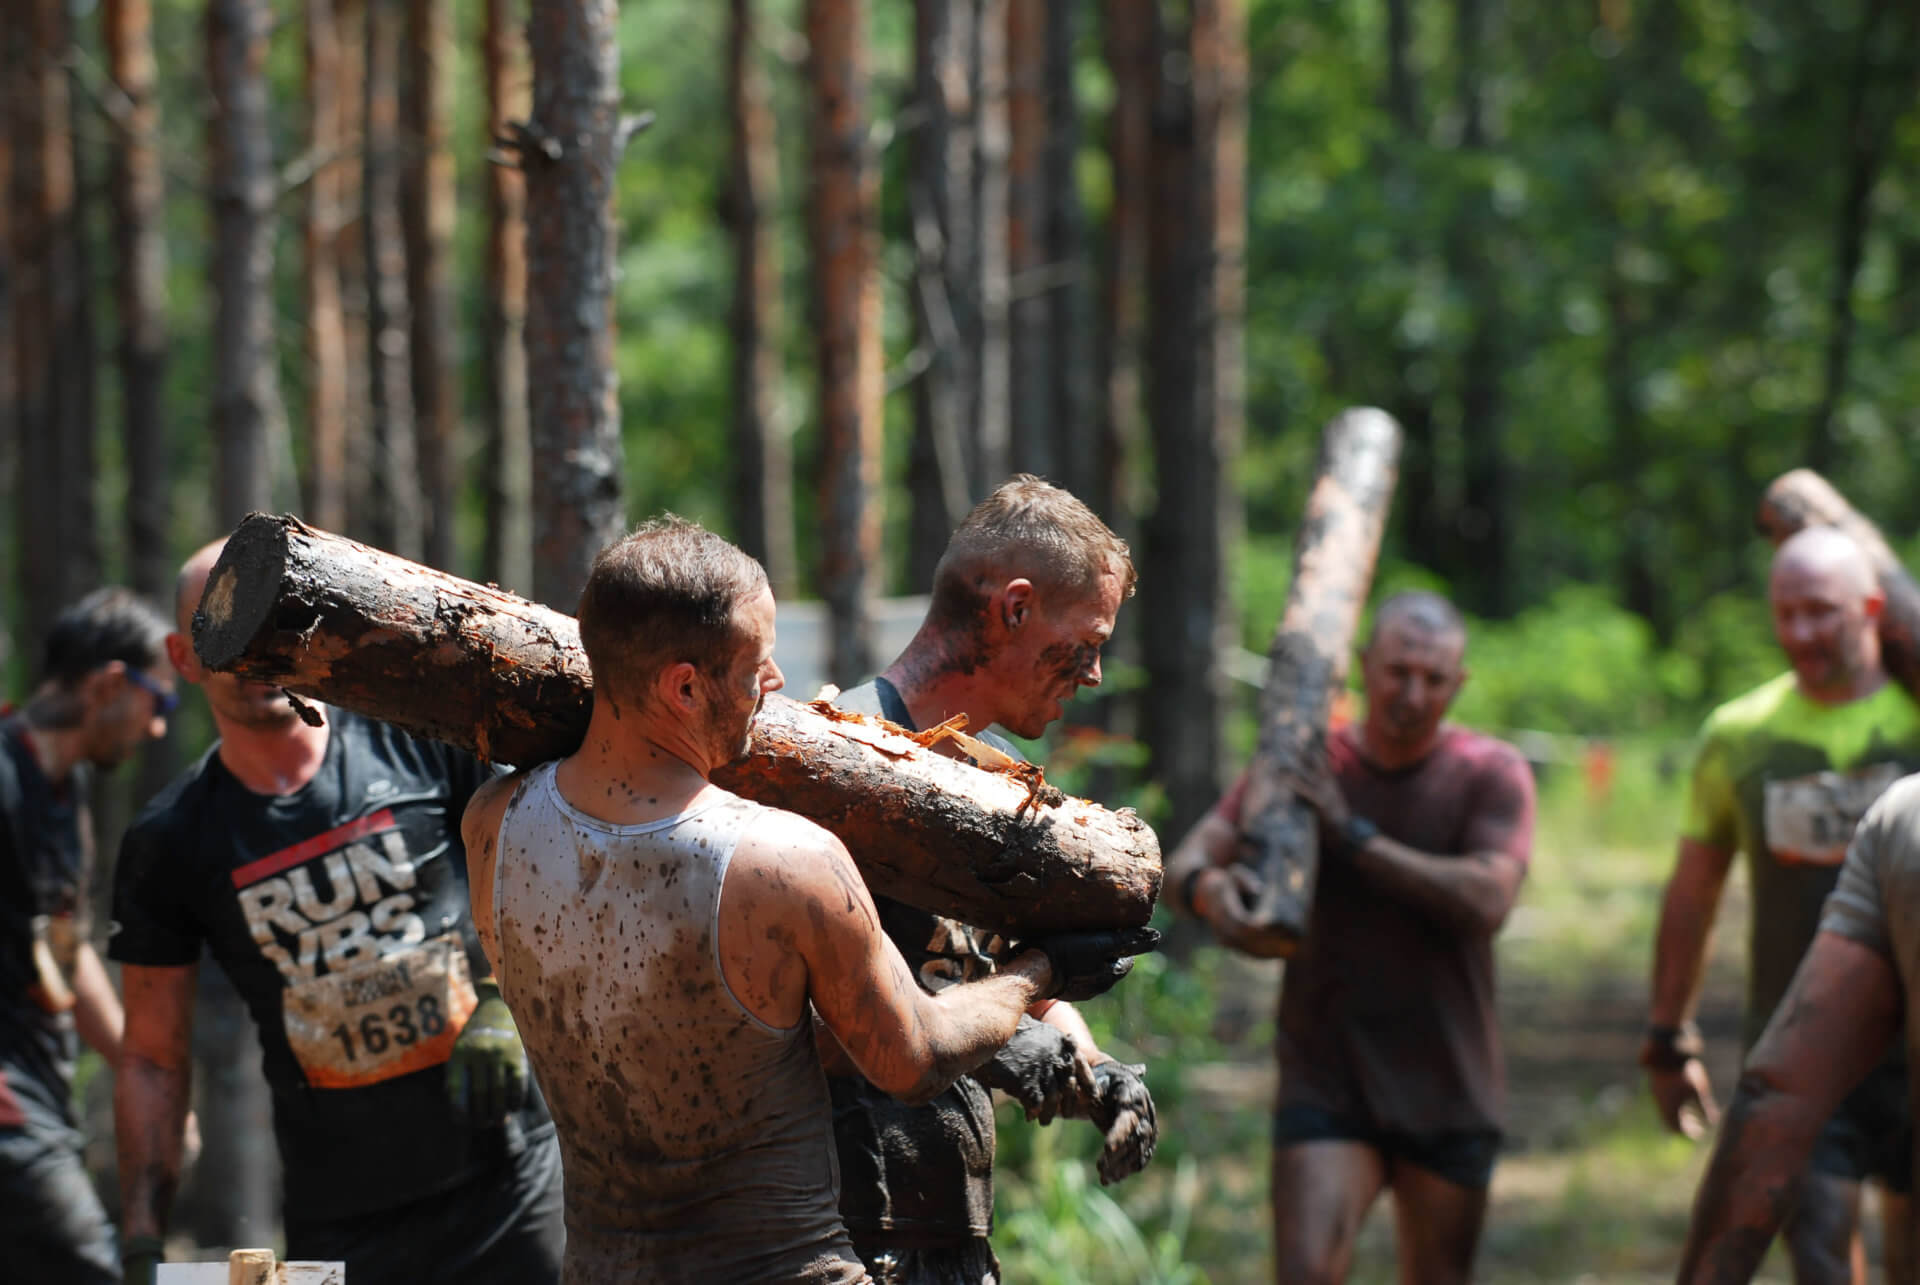 Teilnehmer heben einen Baumstamm